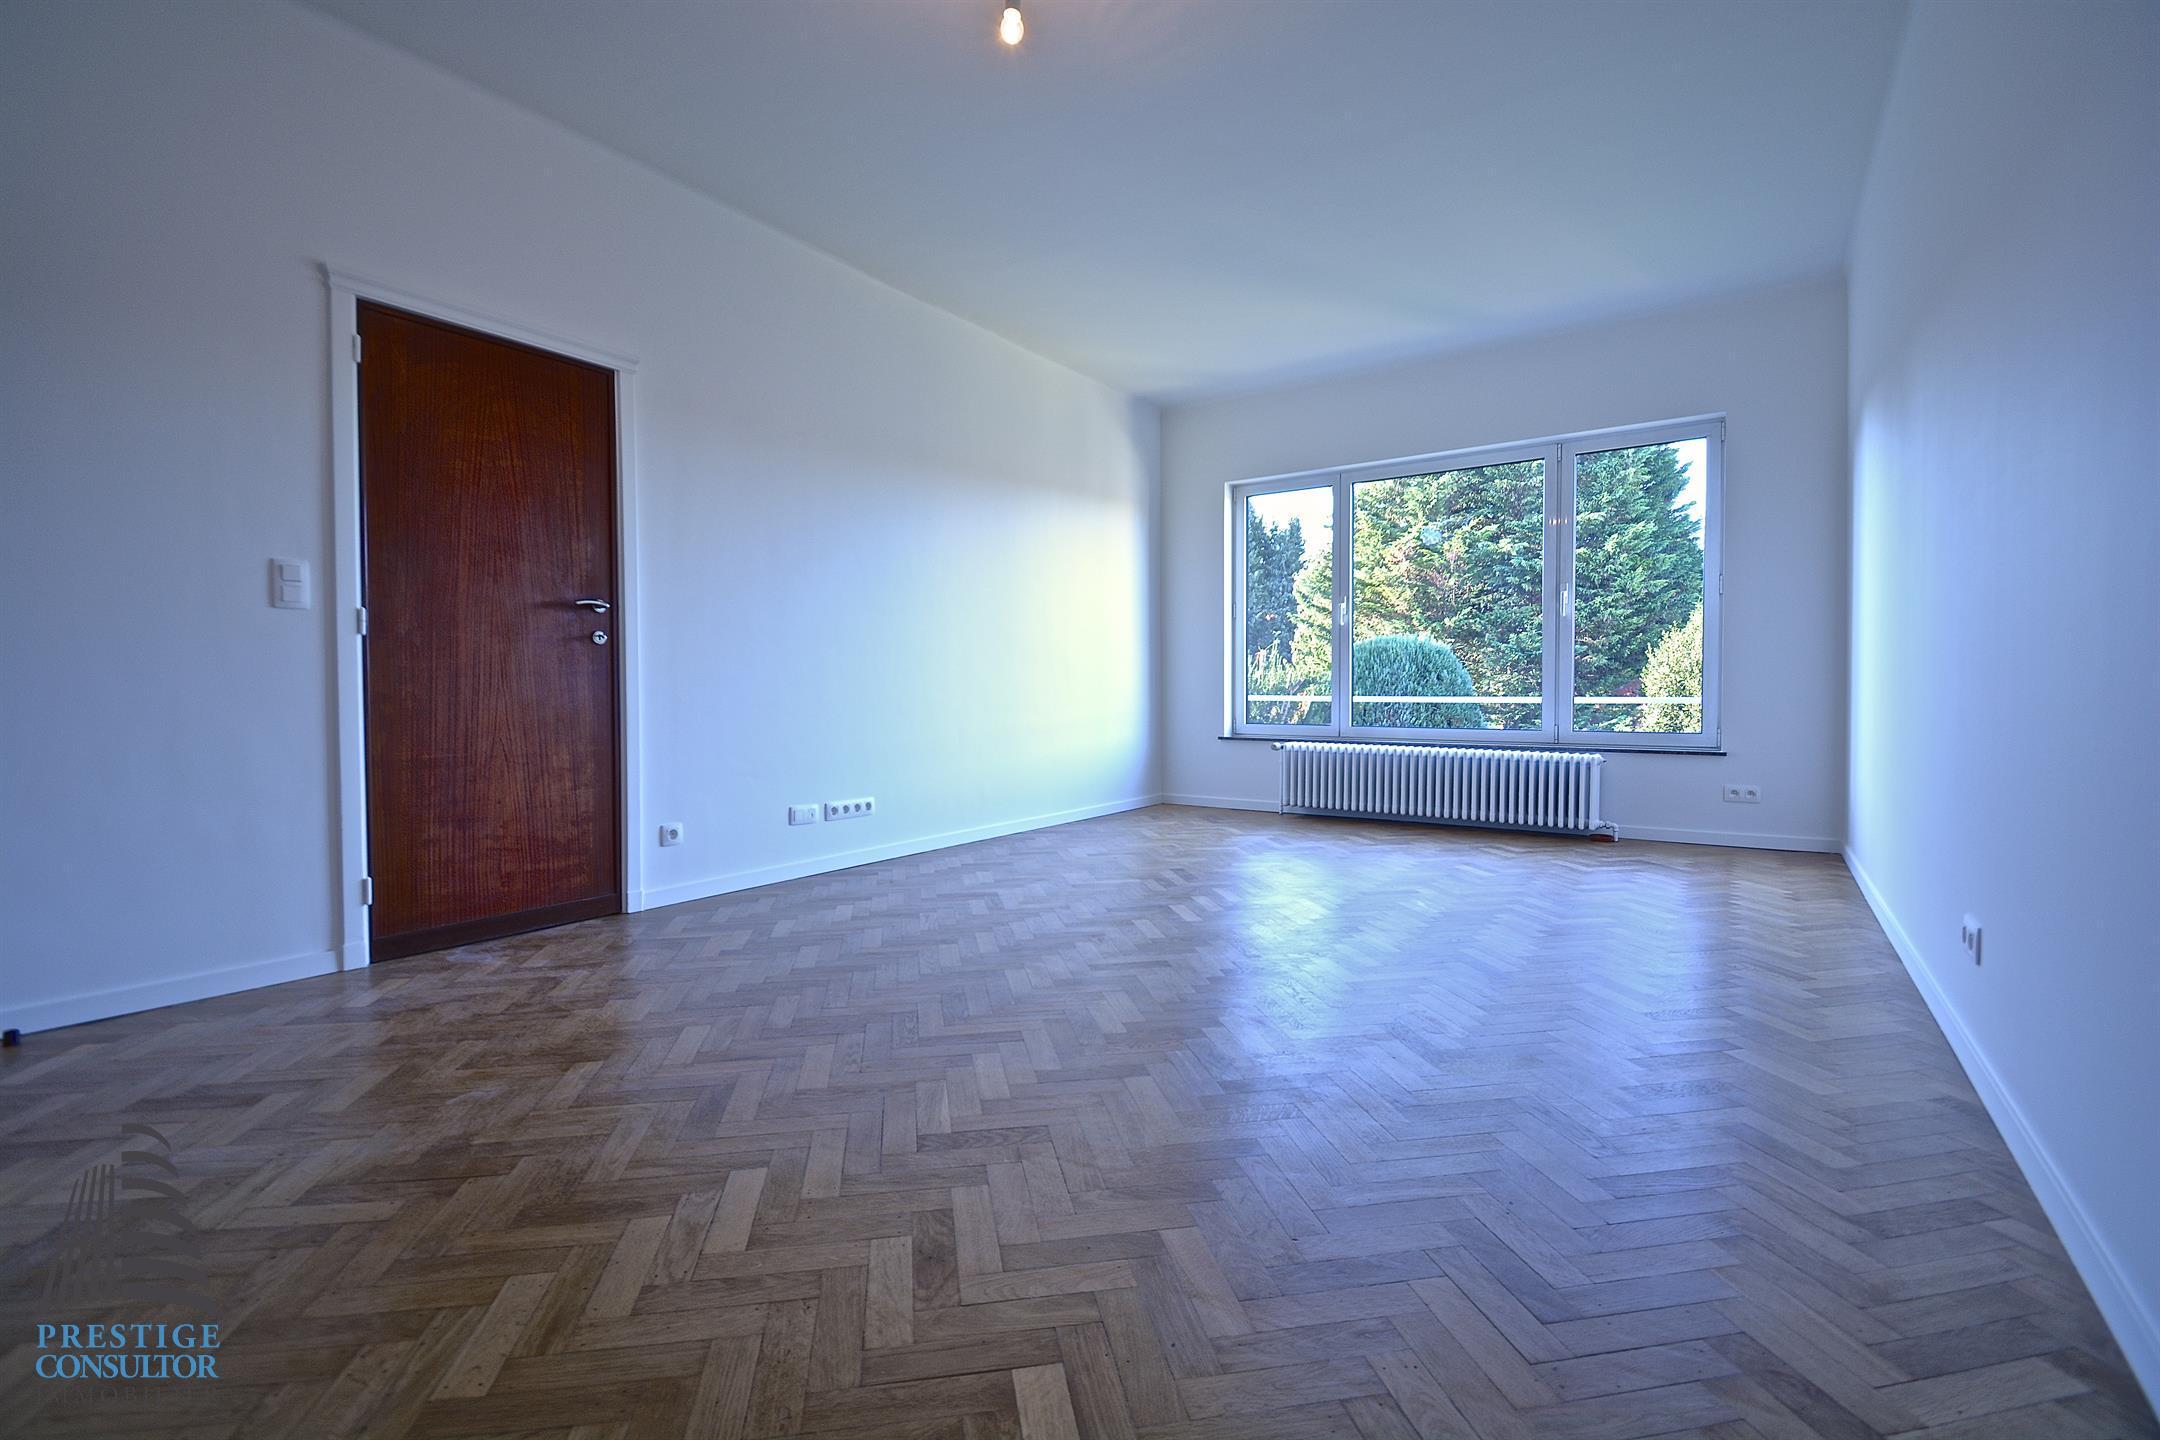 Appartement avec jardin - Anderlecht - #4516225-1